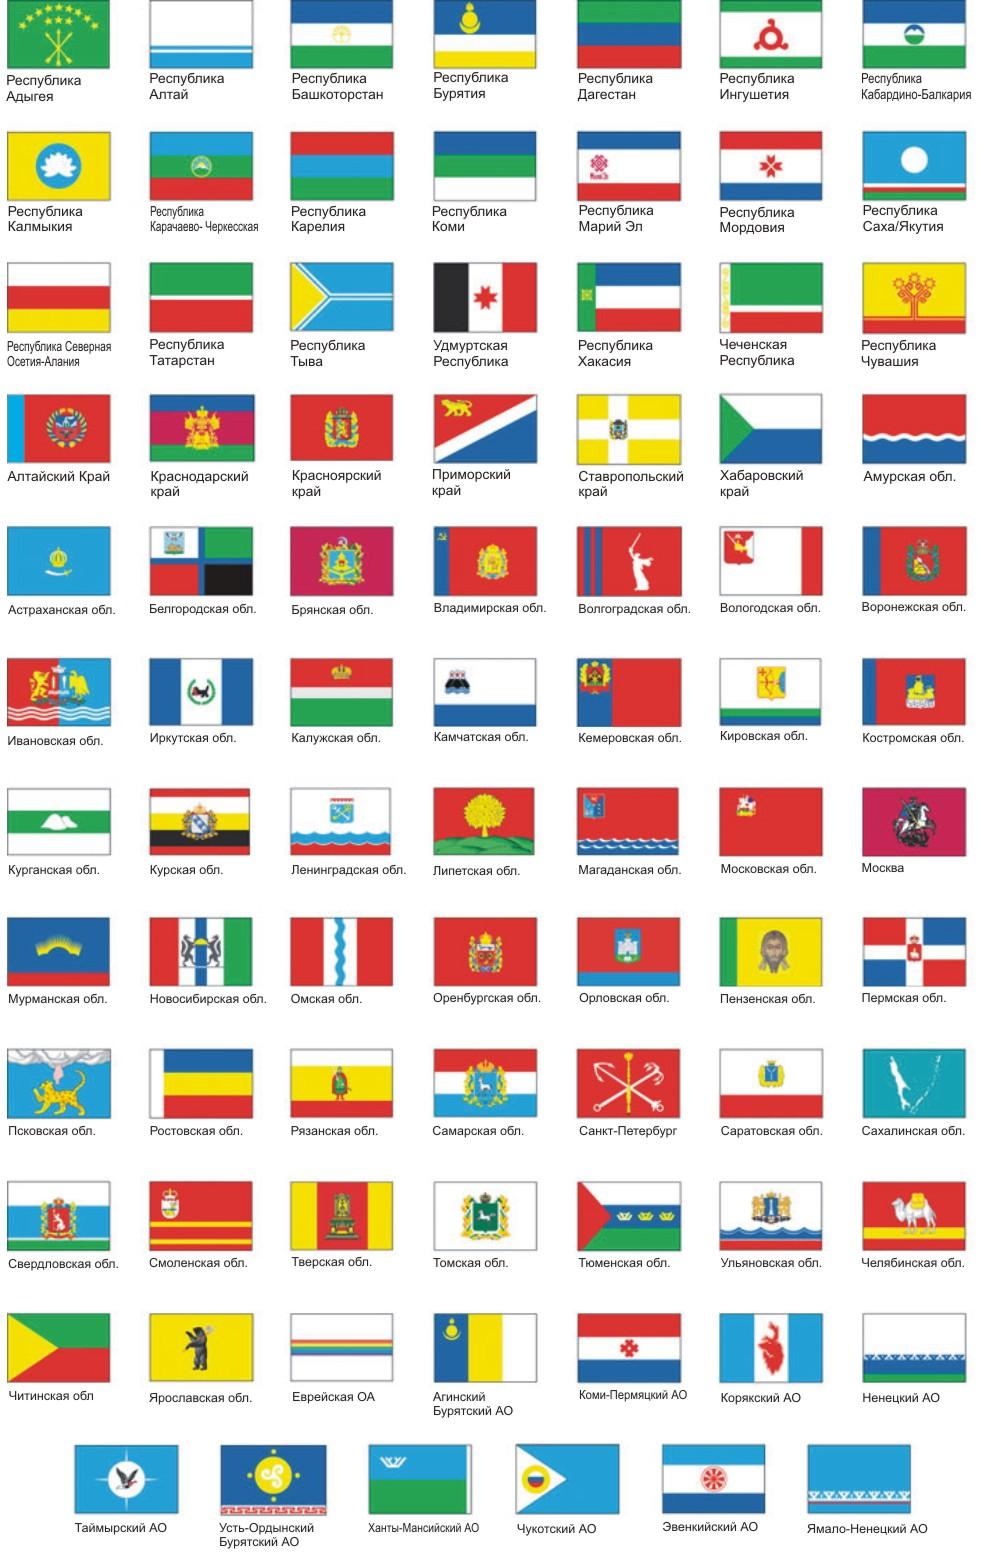 Продукция флаги флаги субъектов рф